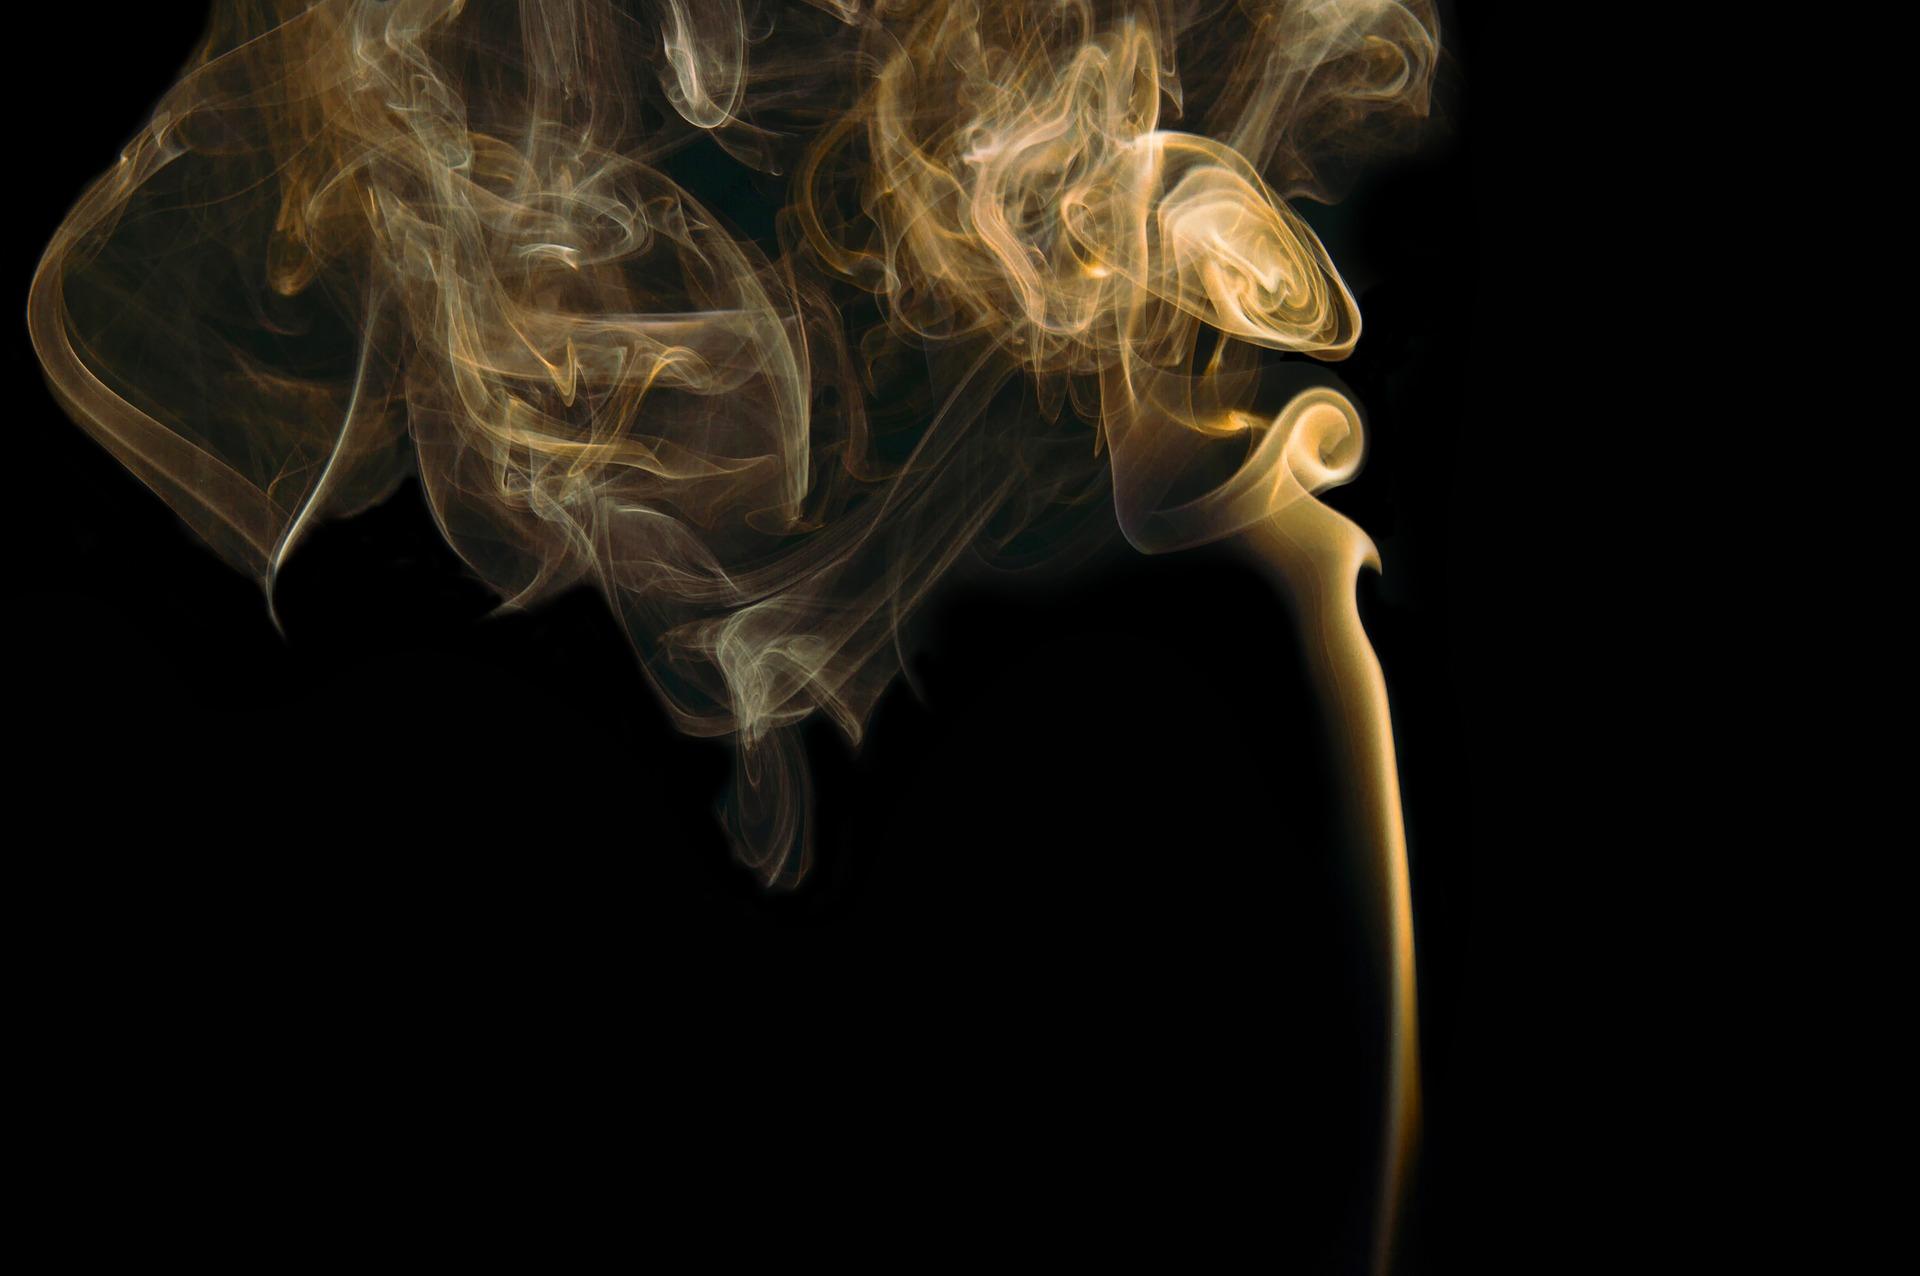 Rauch, Bild von Free-Photos auf pixabay.com